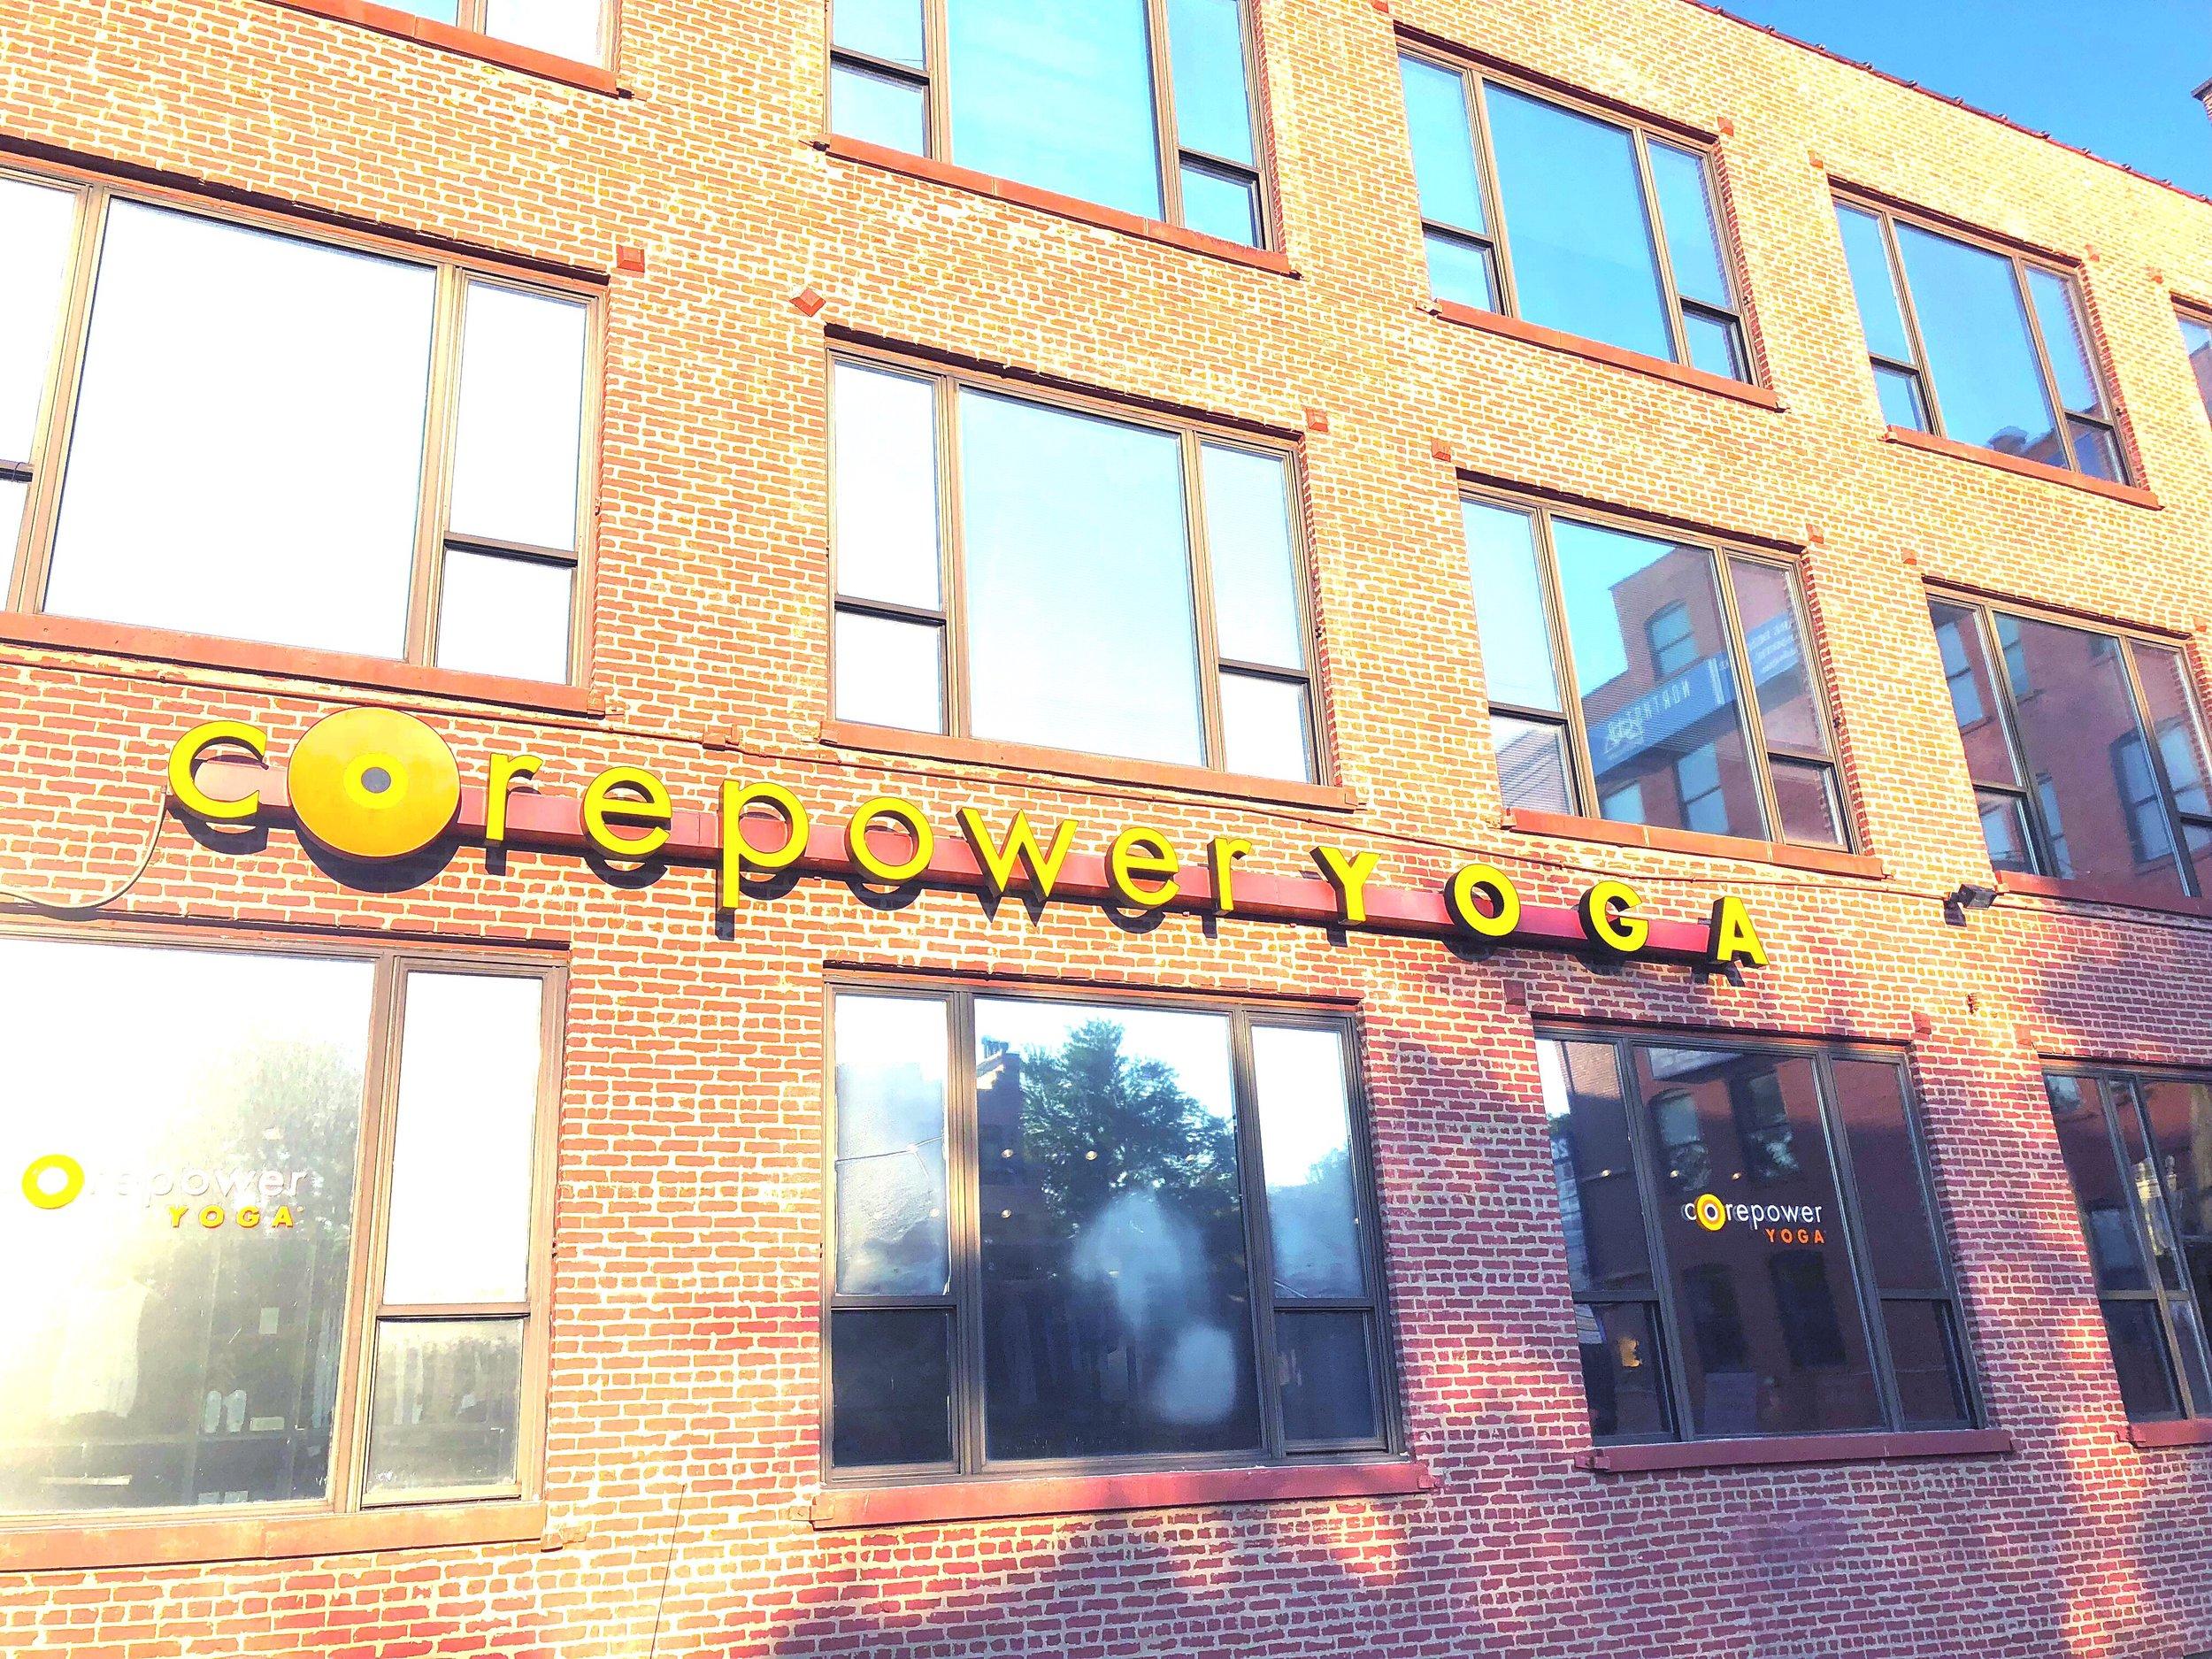 Corepower yoga sculpt studio in Chicago